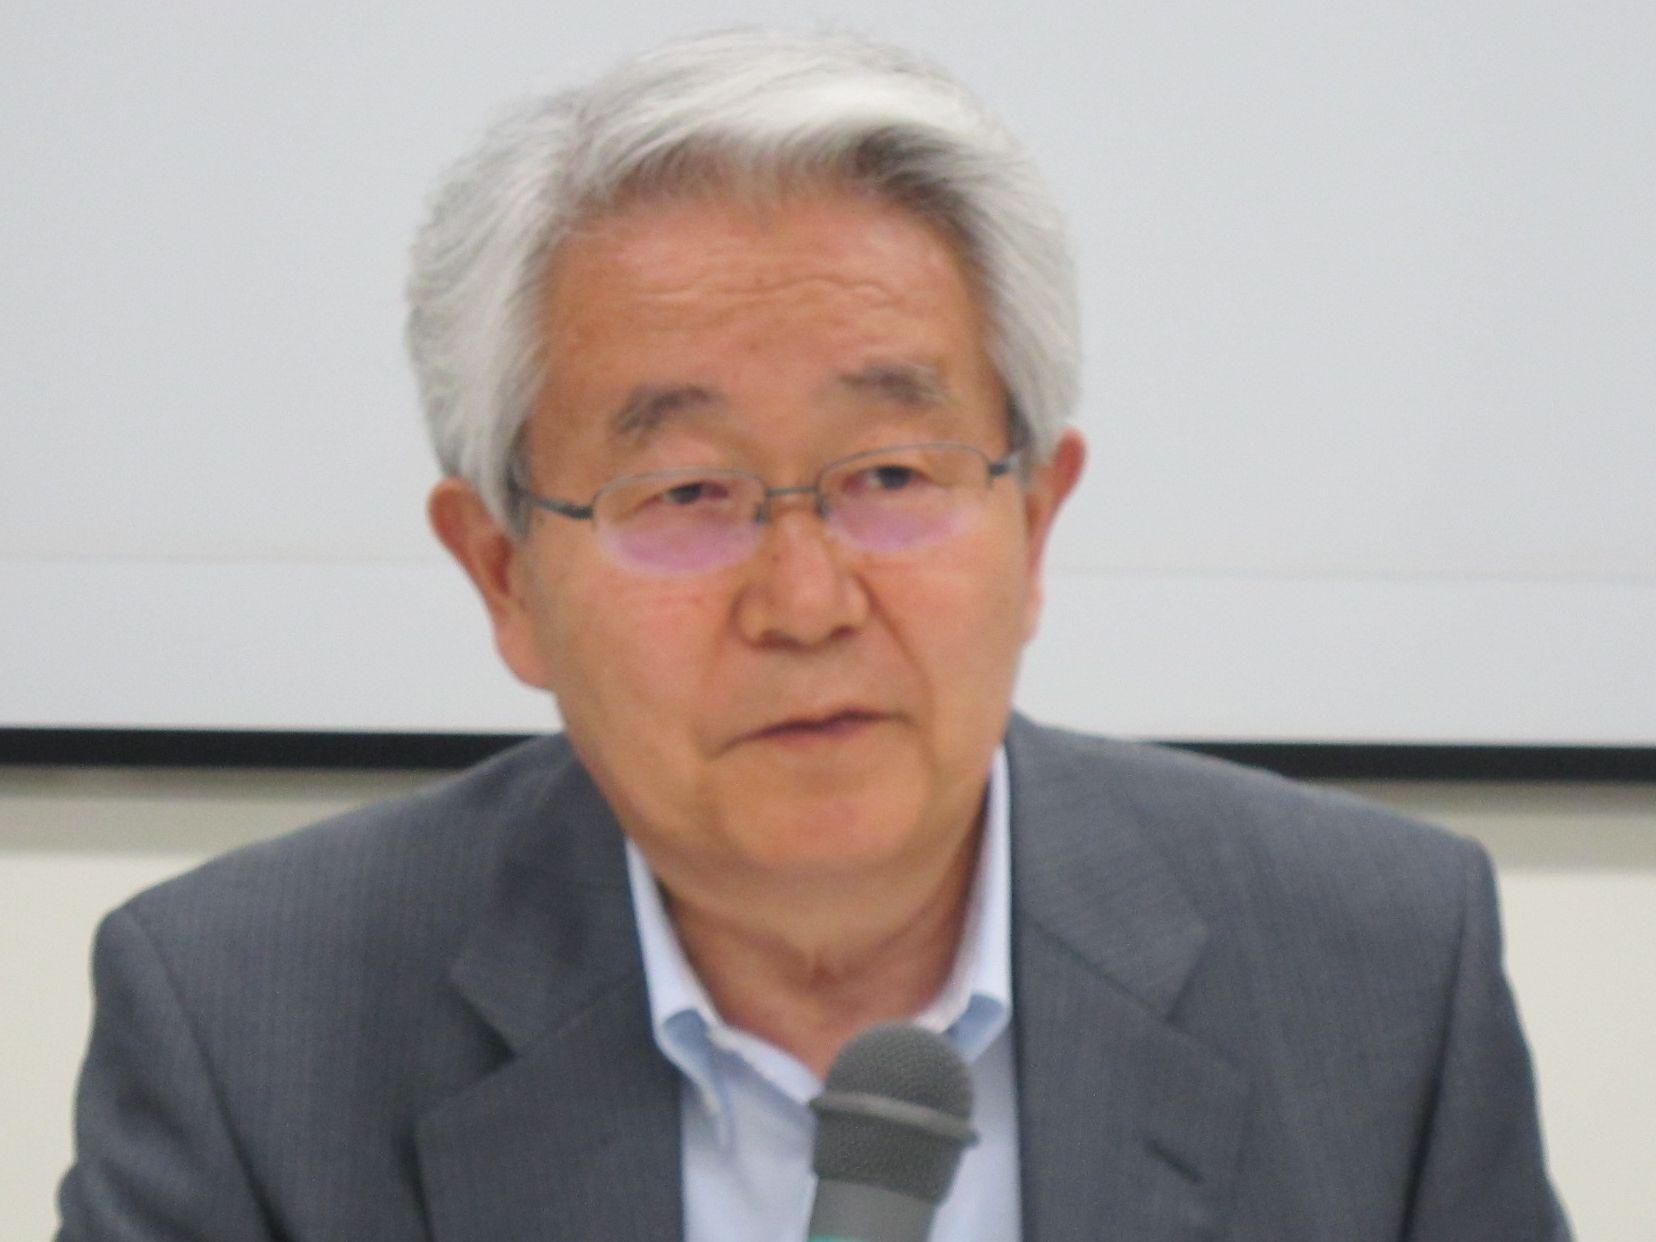 6月28日に定例記者会見に臨んだ、日本病院会の堺常雄会長